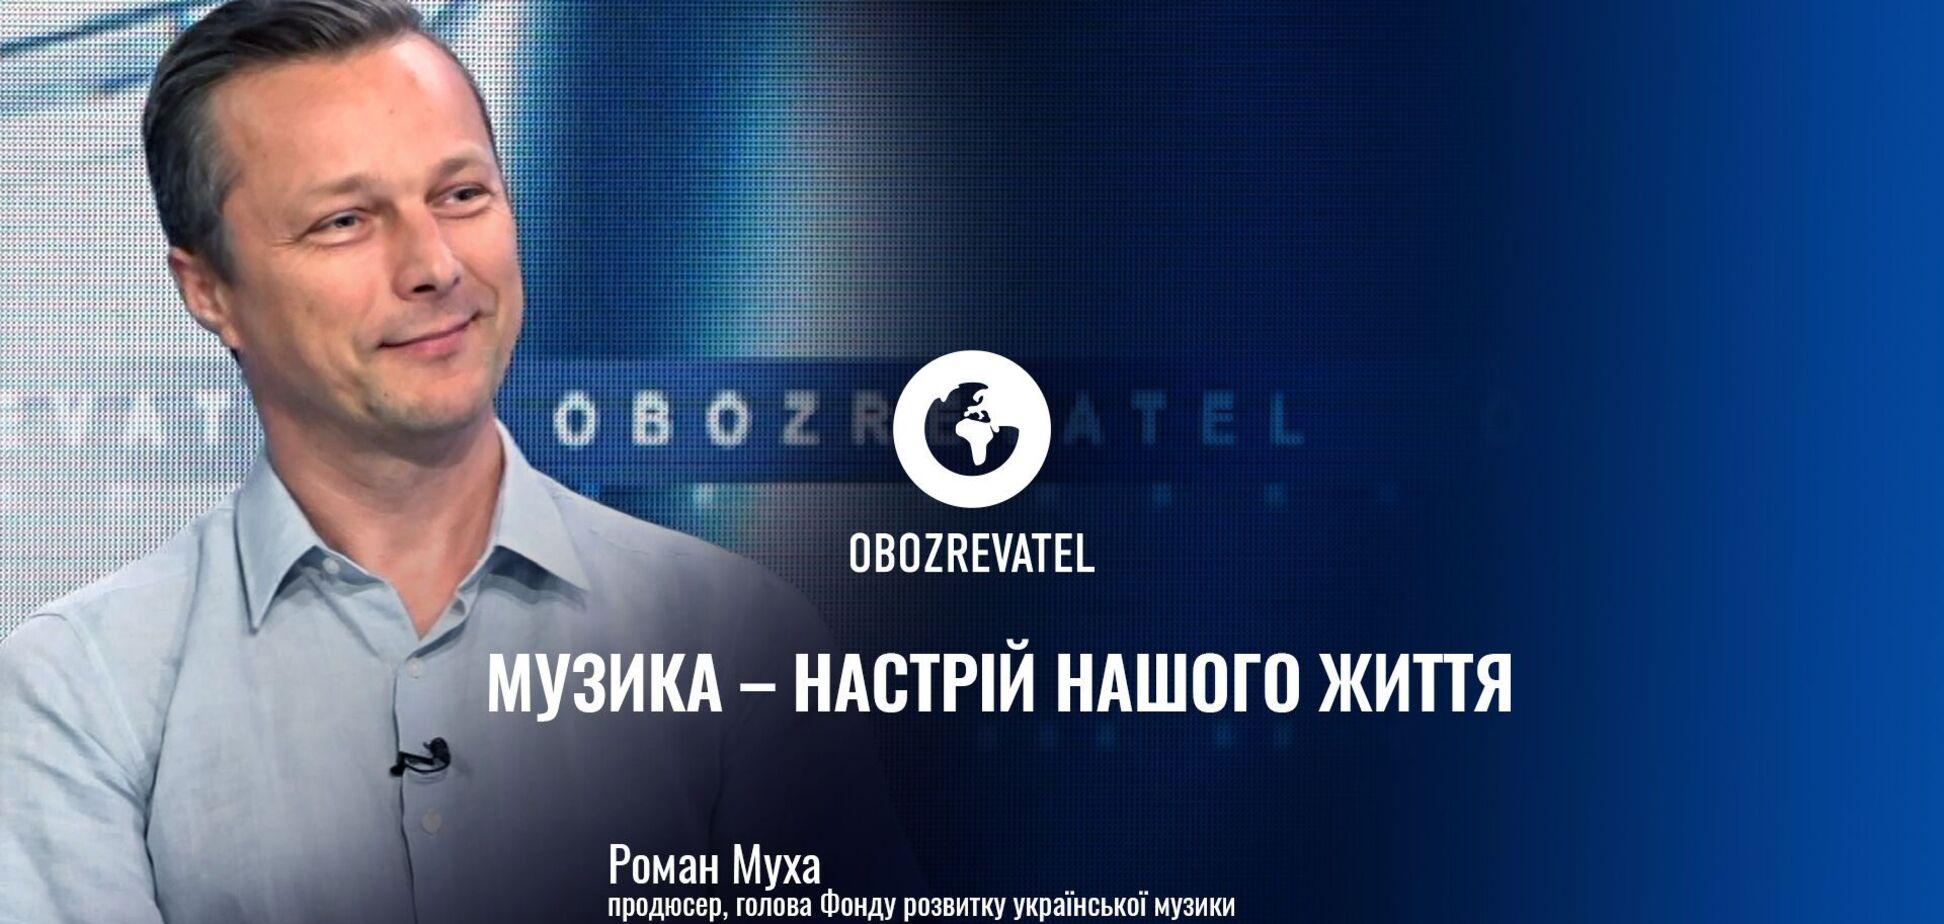 Роман Муха Телевизионные талант-шоу – это о рейтингах канала для рекламодателей, а не о будущем одаренных украинцев